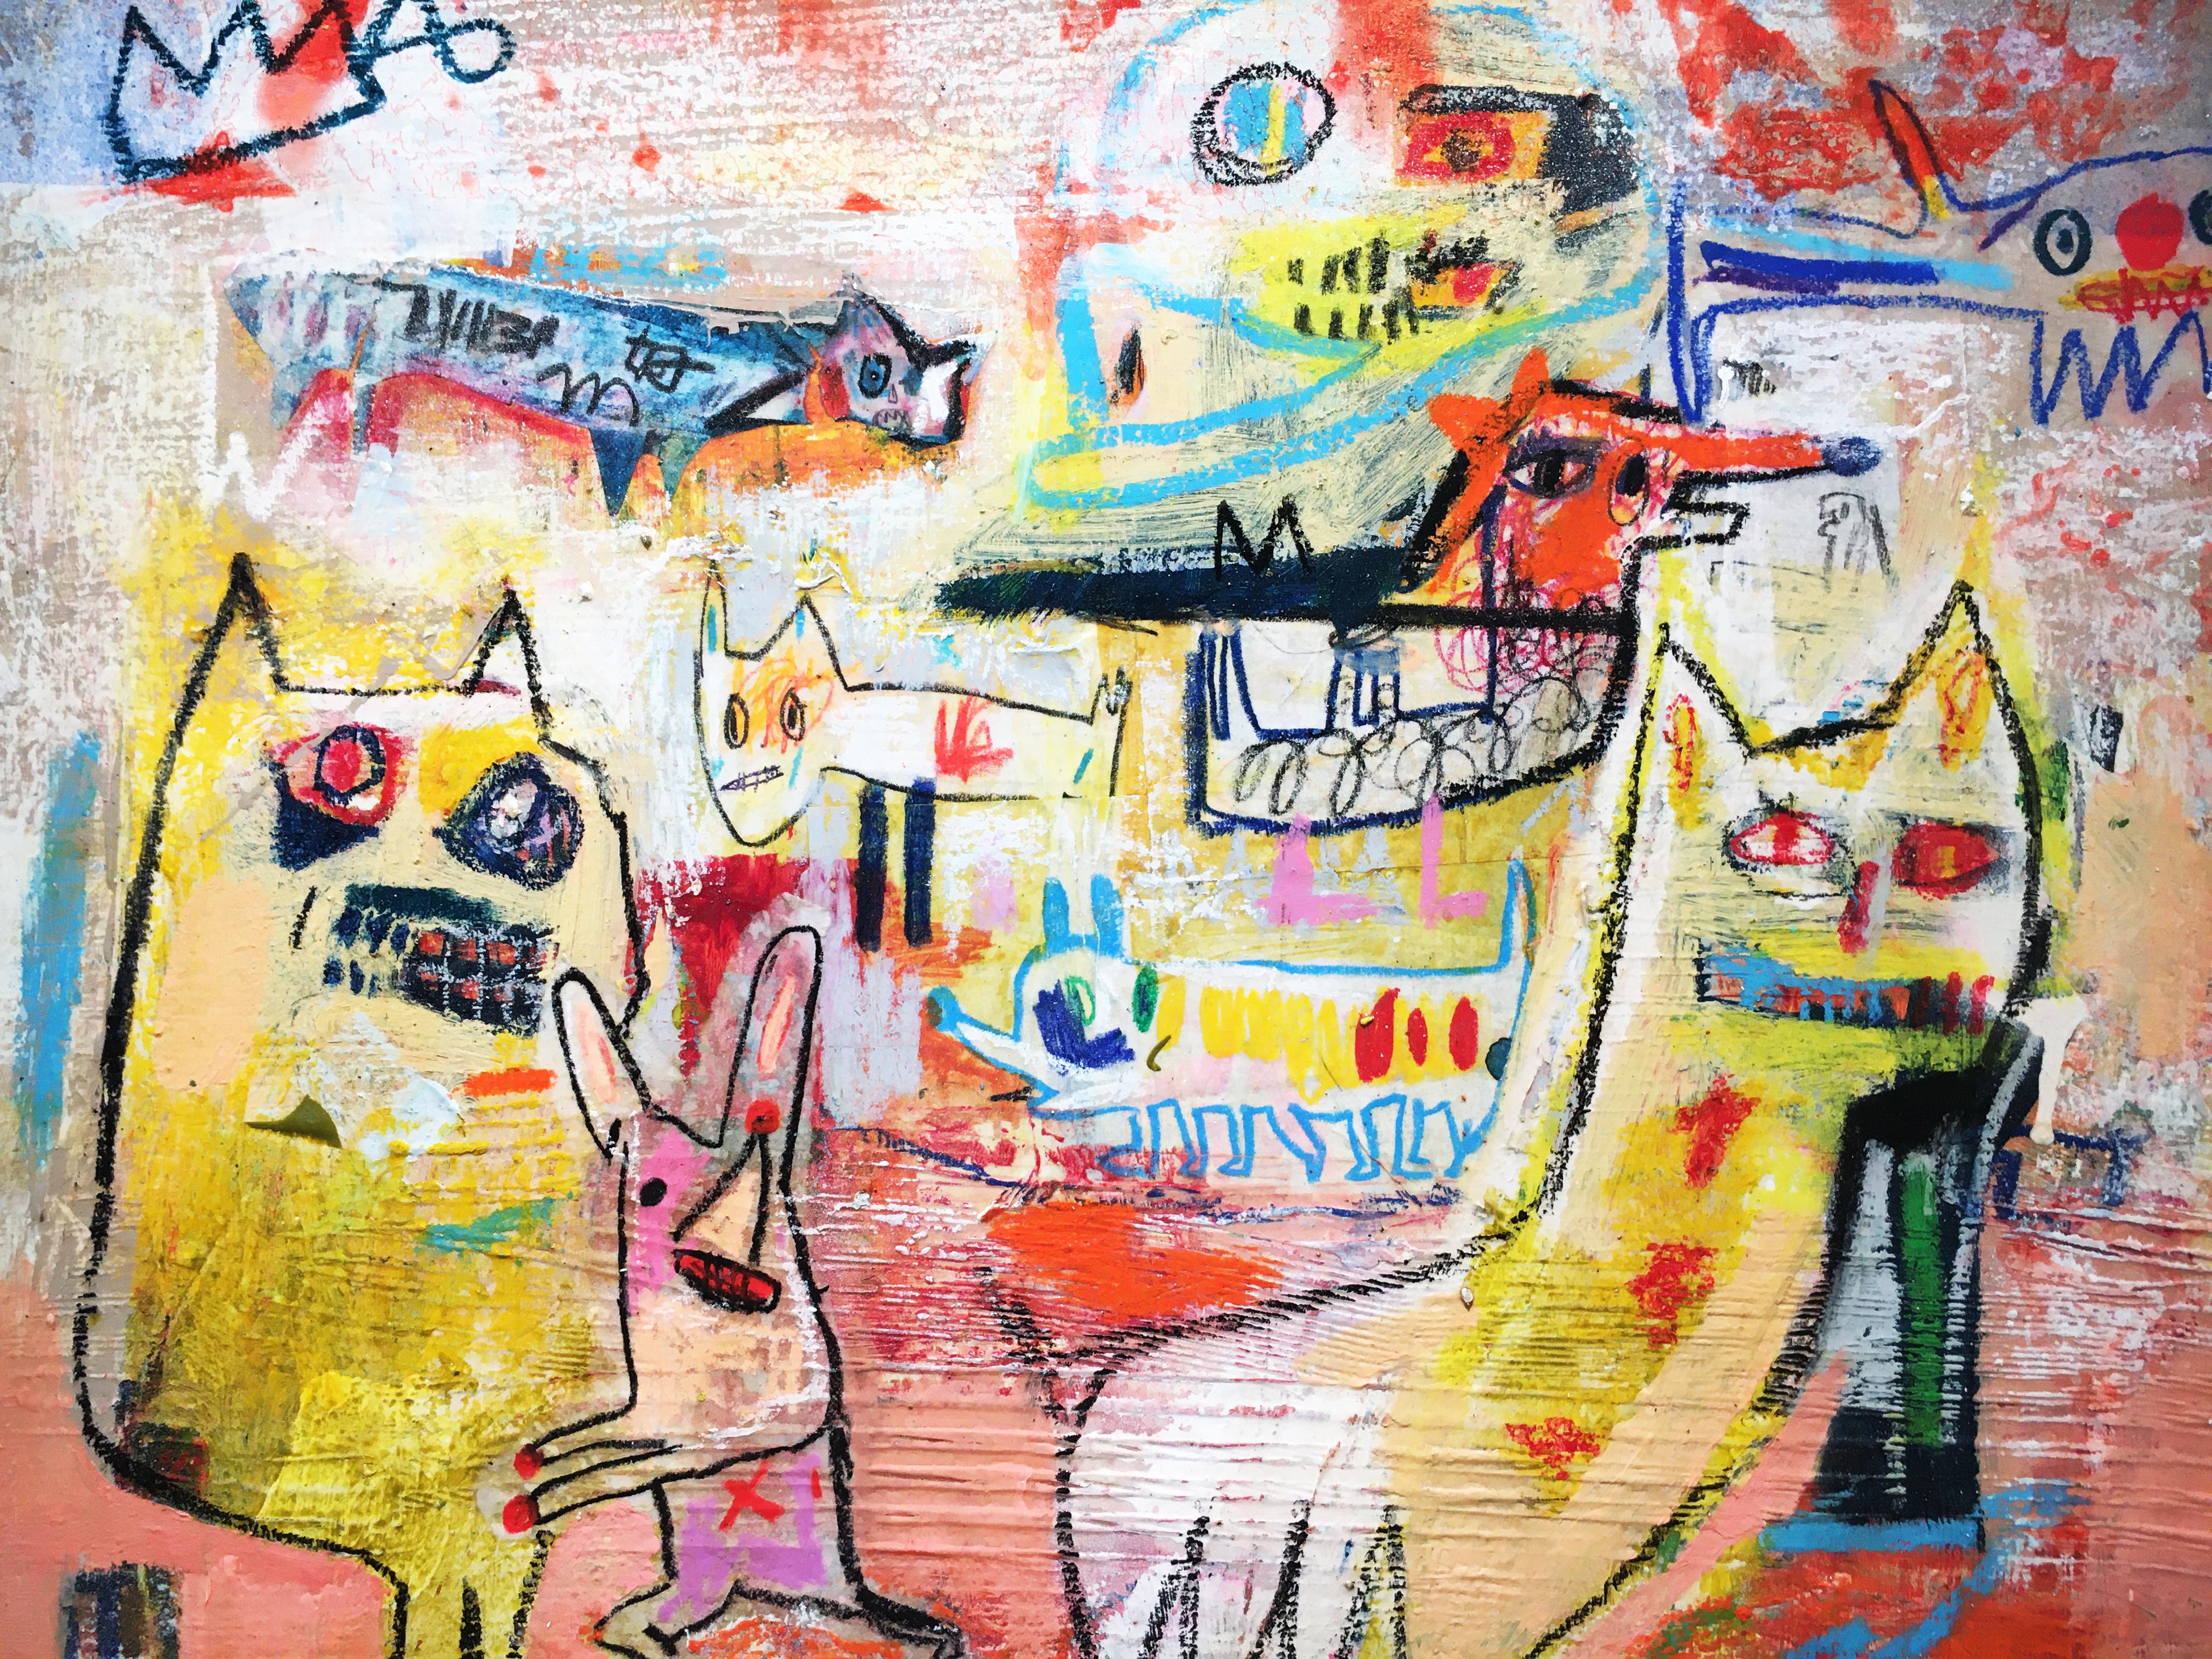 張瓊方,《左顧右盼》細節,50 x 61 cm,油彩、蠟筆、畫布,2019。